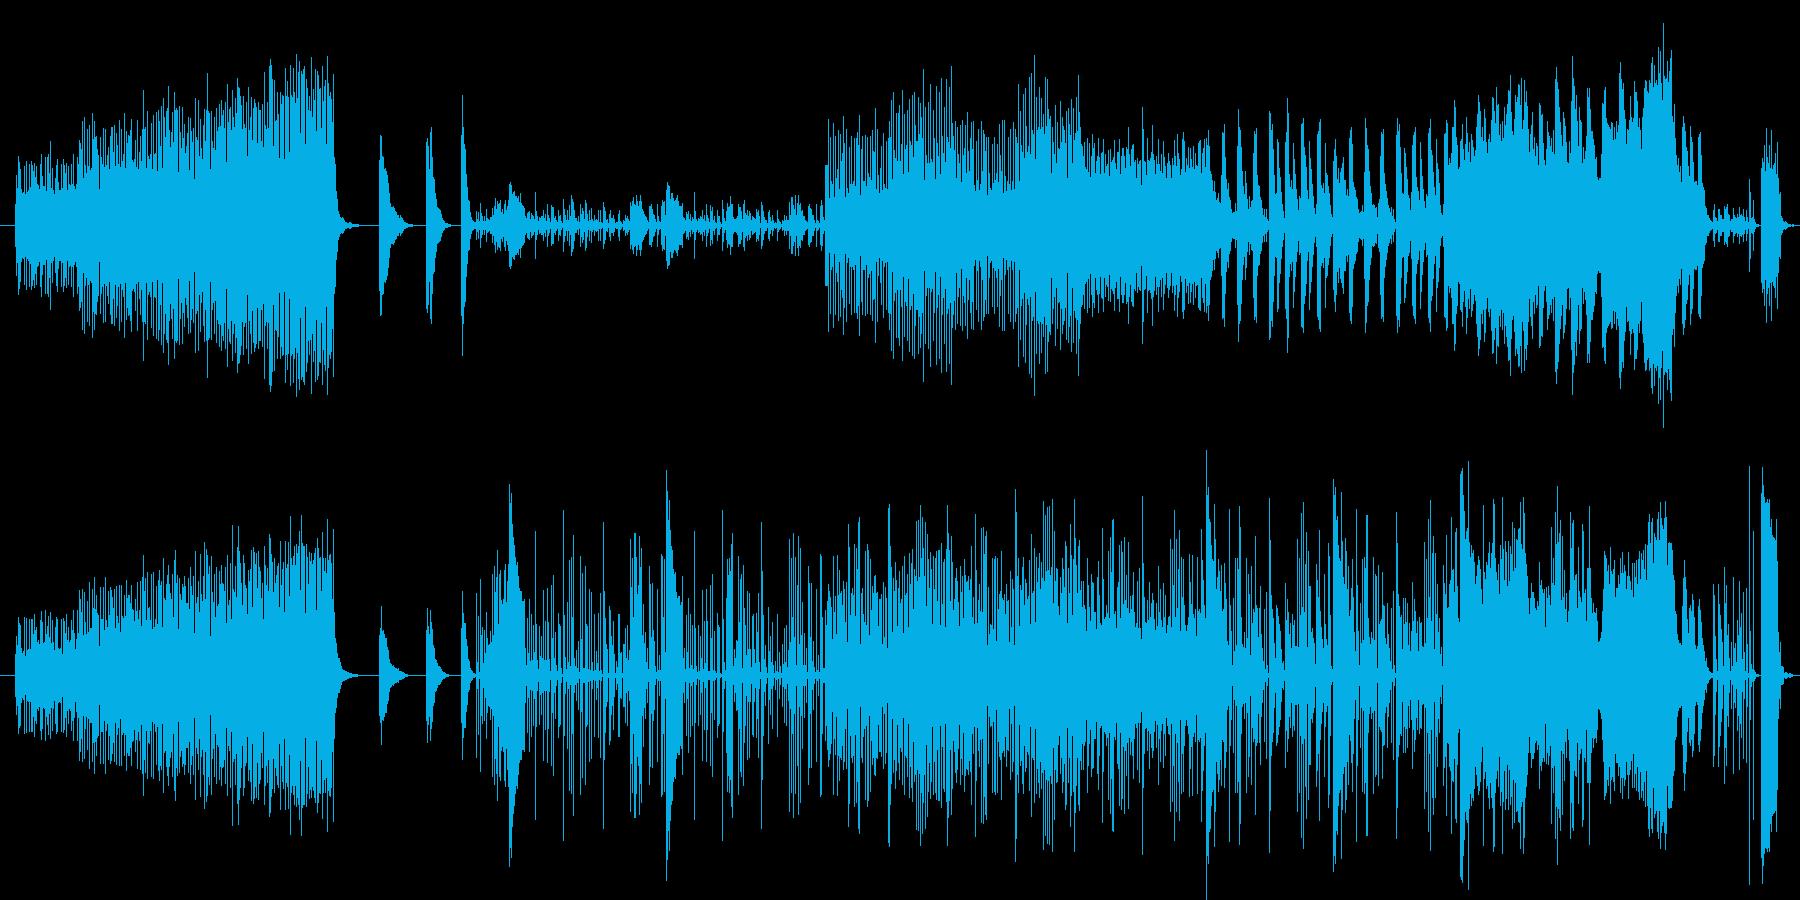 未来テクノロジーな曲調の音楽の再生済みの波形